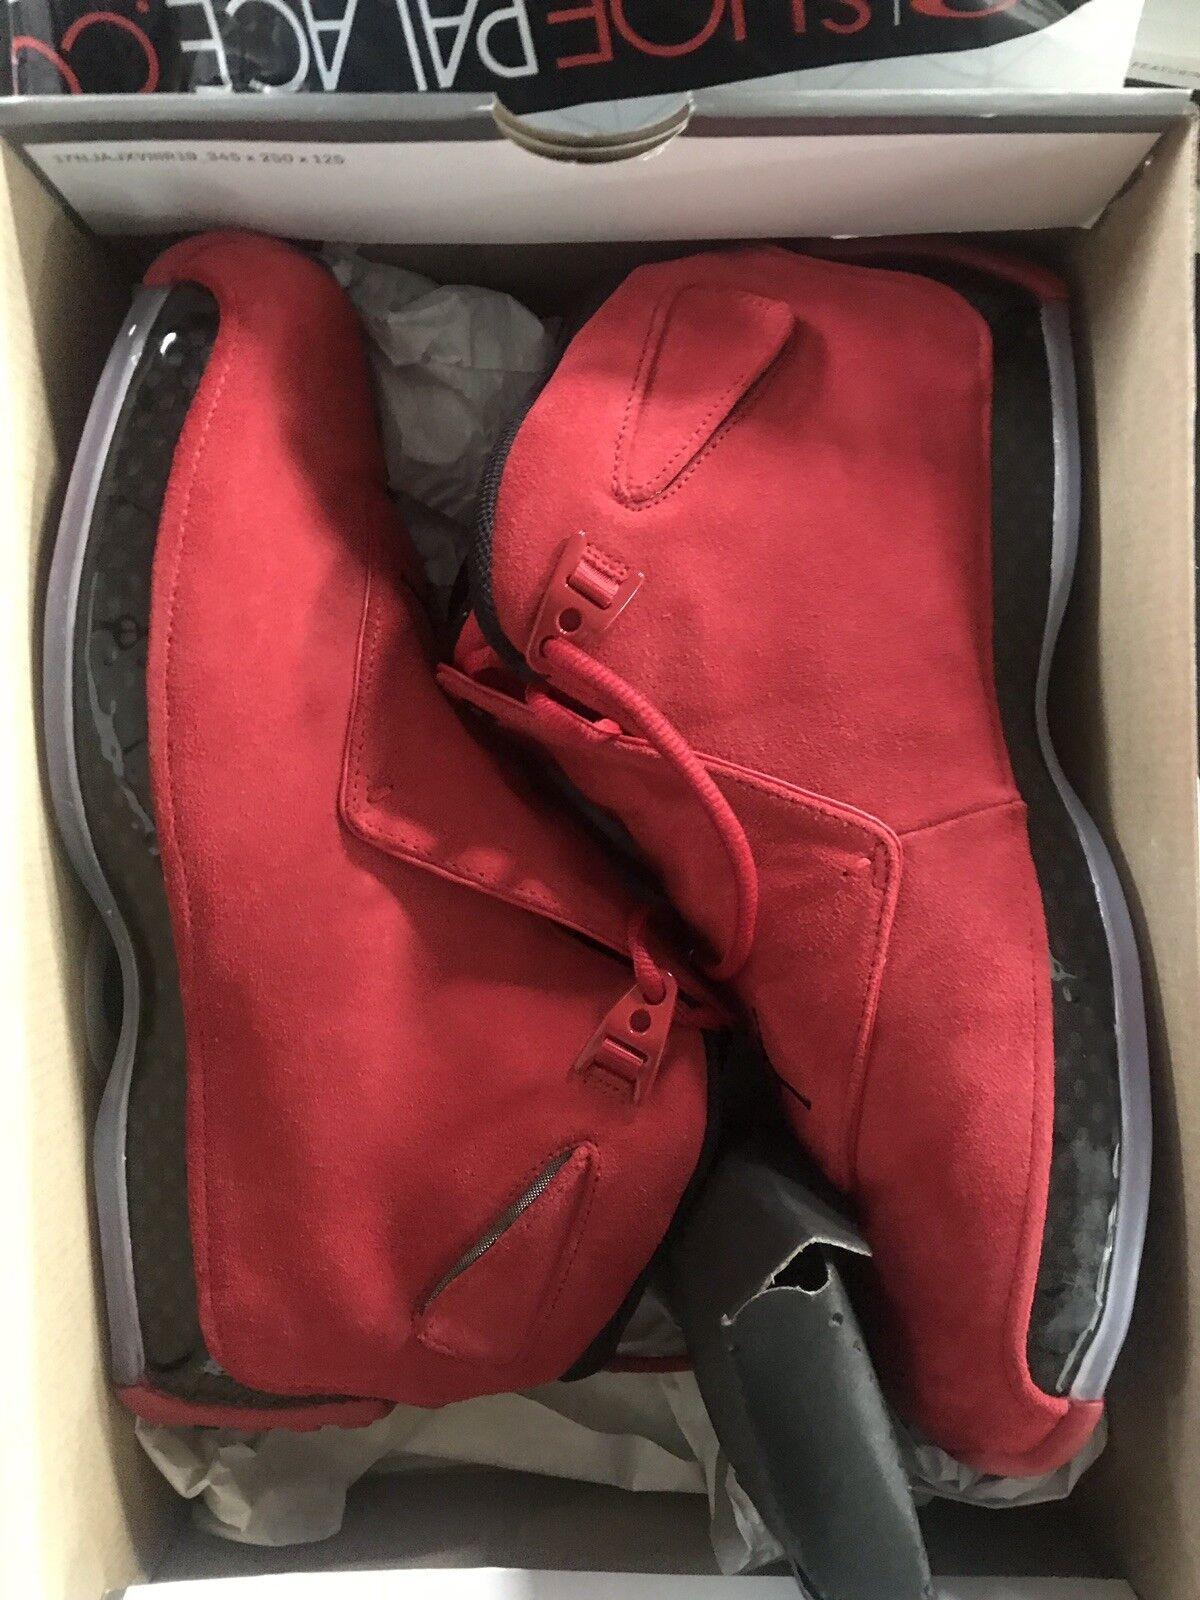 Nike Air Jordan 18 Retro Size 10.5 Gym Red BNIB Black AA2494 601 BNIB Red Toro Ltd 9aee5e